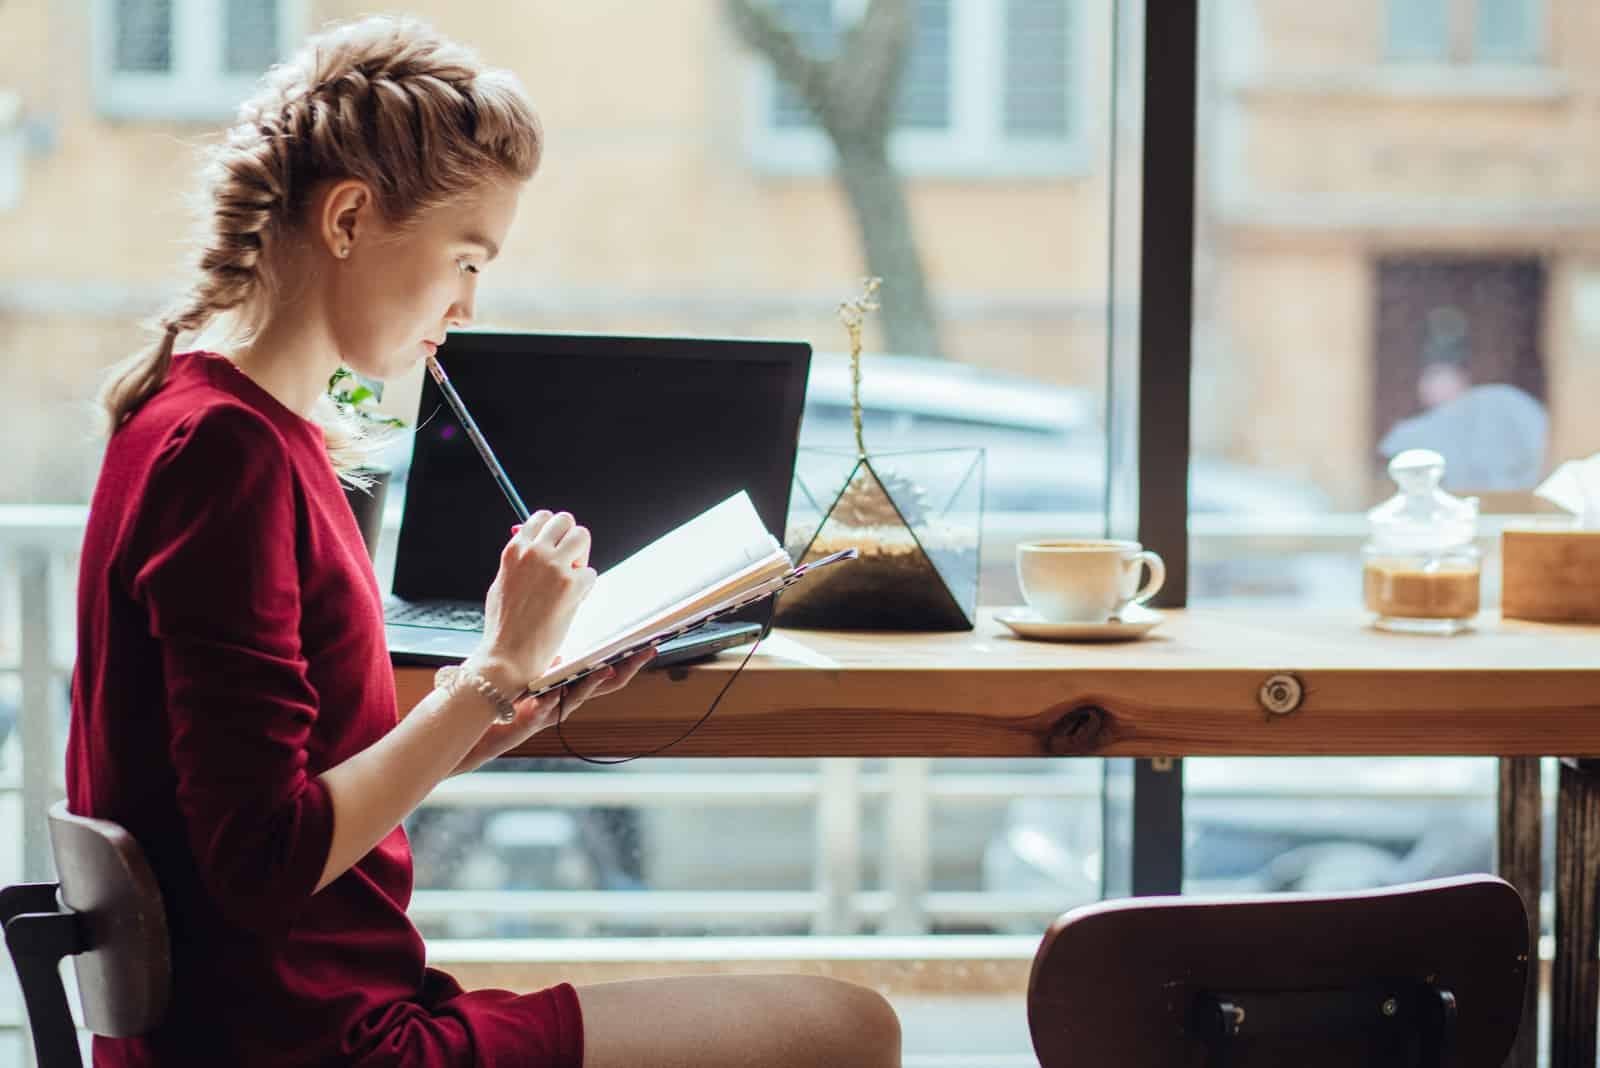 une femme est assise à une table et écrit